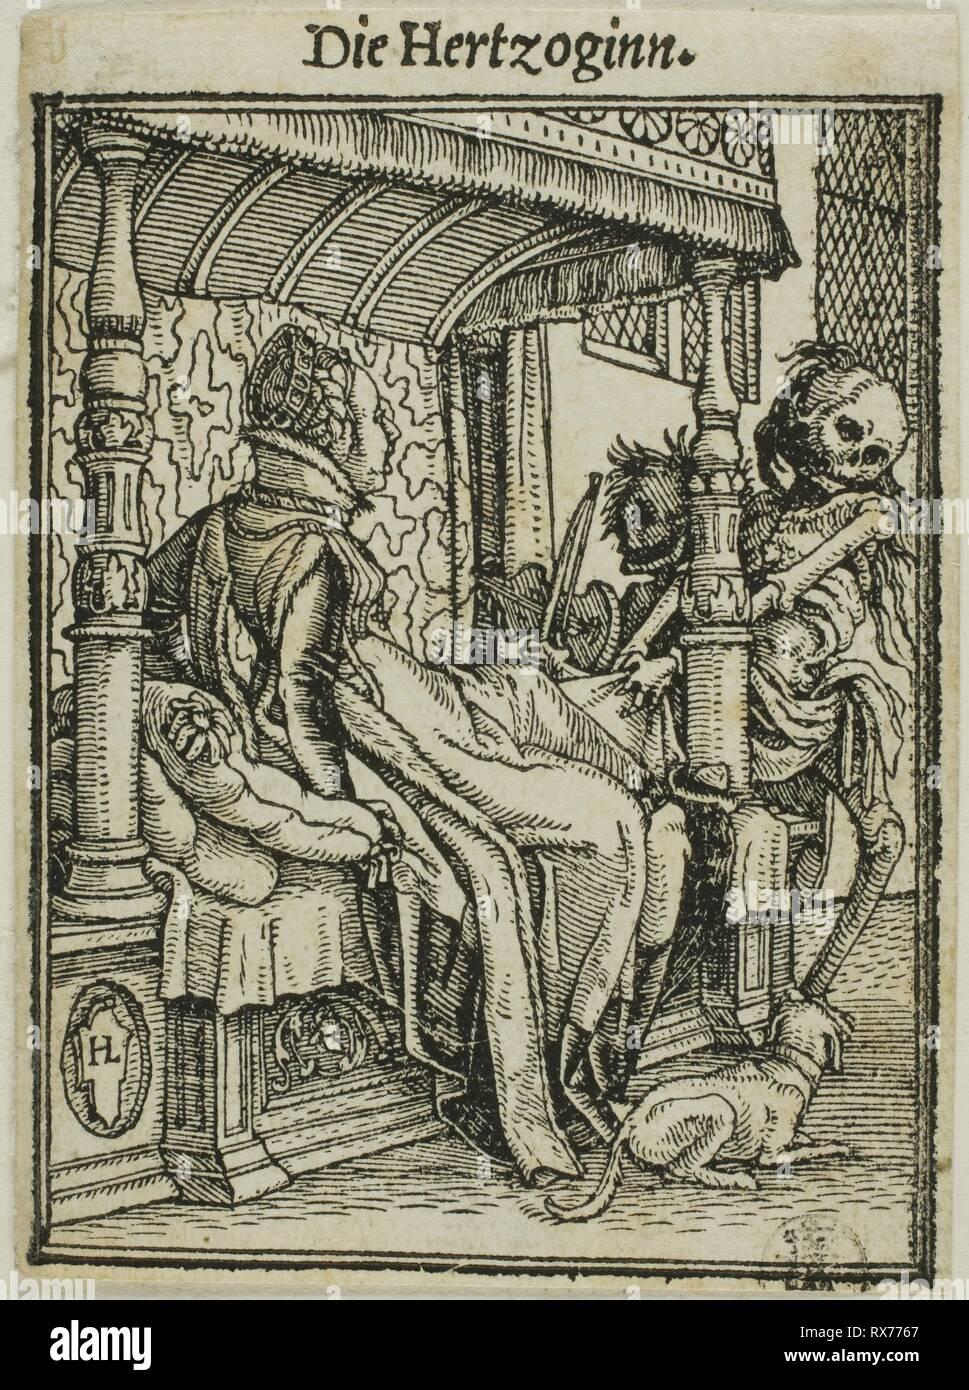 La Duchessa. Hans Holbein il Giovane; Tedesco, 1497-1543. Data: 1517-1527. Dimensioni: 66 x 49 mm. Silografia su carta. Origine: Germania. Museo: Chicago Art Institute. Immagini Stock